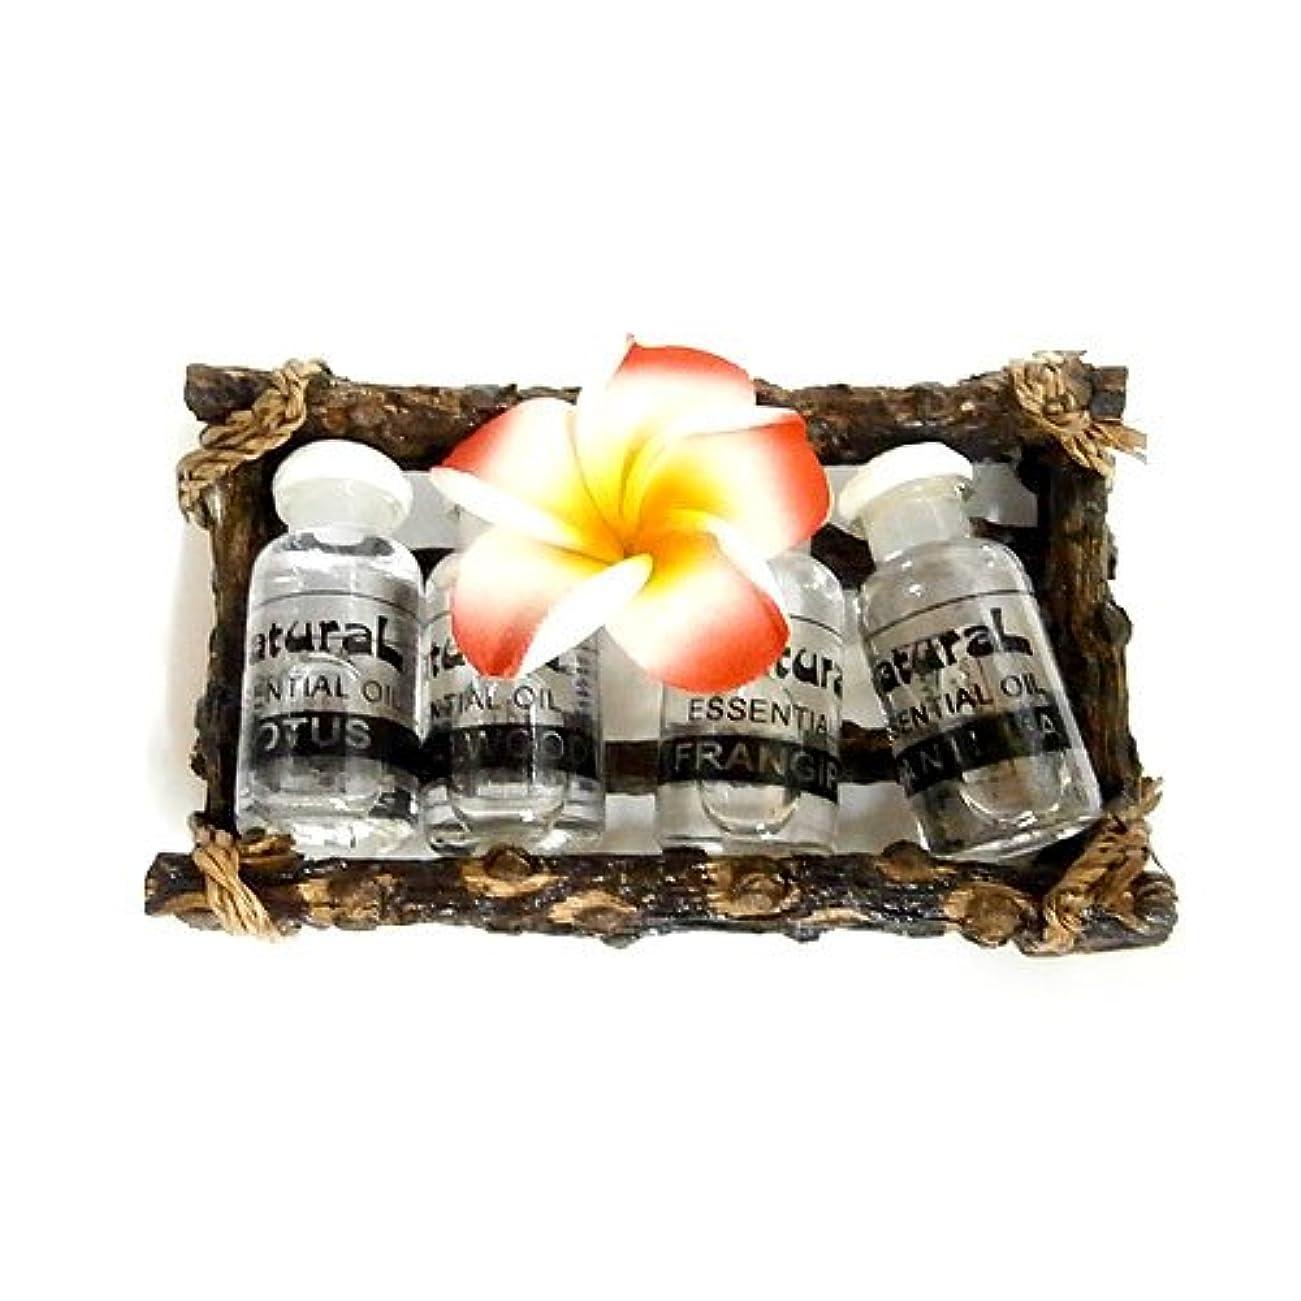 オリエント同盟ハイジャックアロマオイル4種セット 木枠入り アジアン雑貨